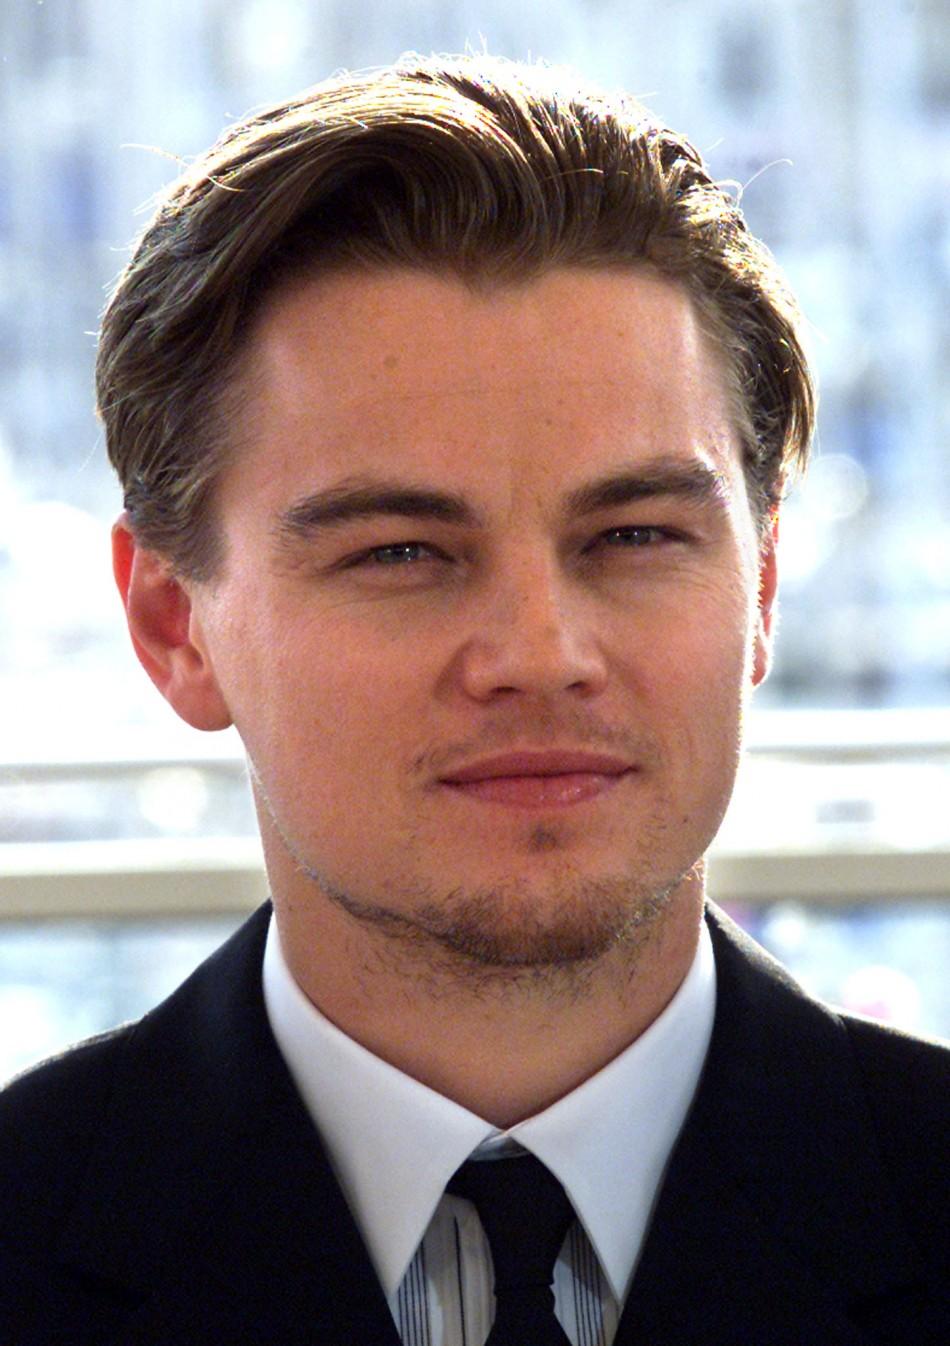 Leonardo DiCaprio: Officially Hollywood's Highest Earning ... Leonardo Dicaprio